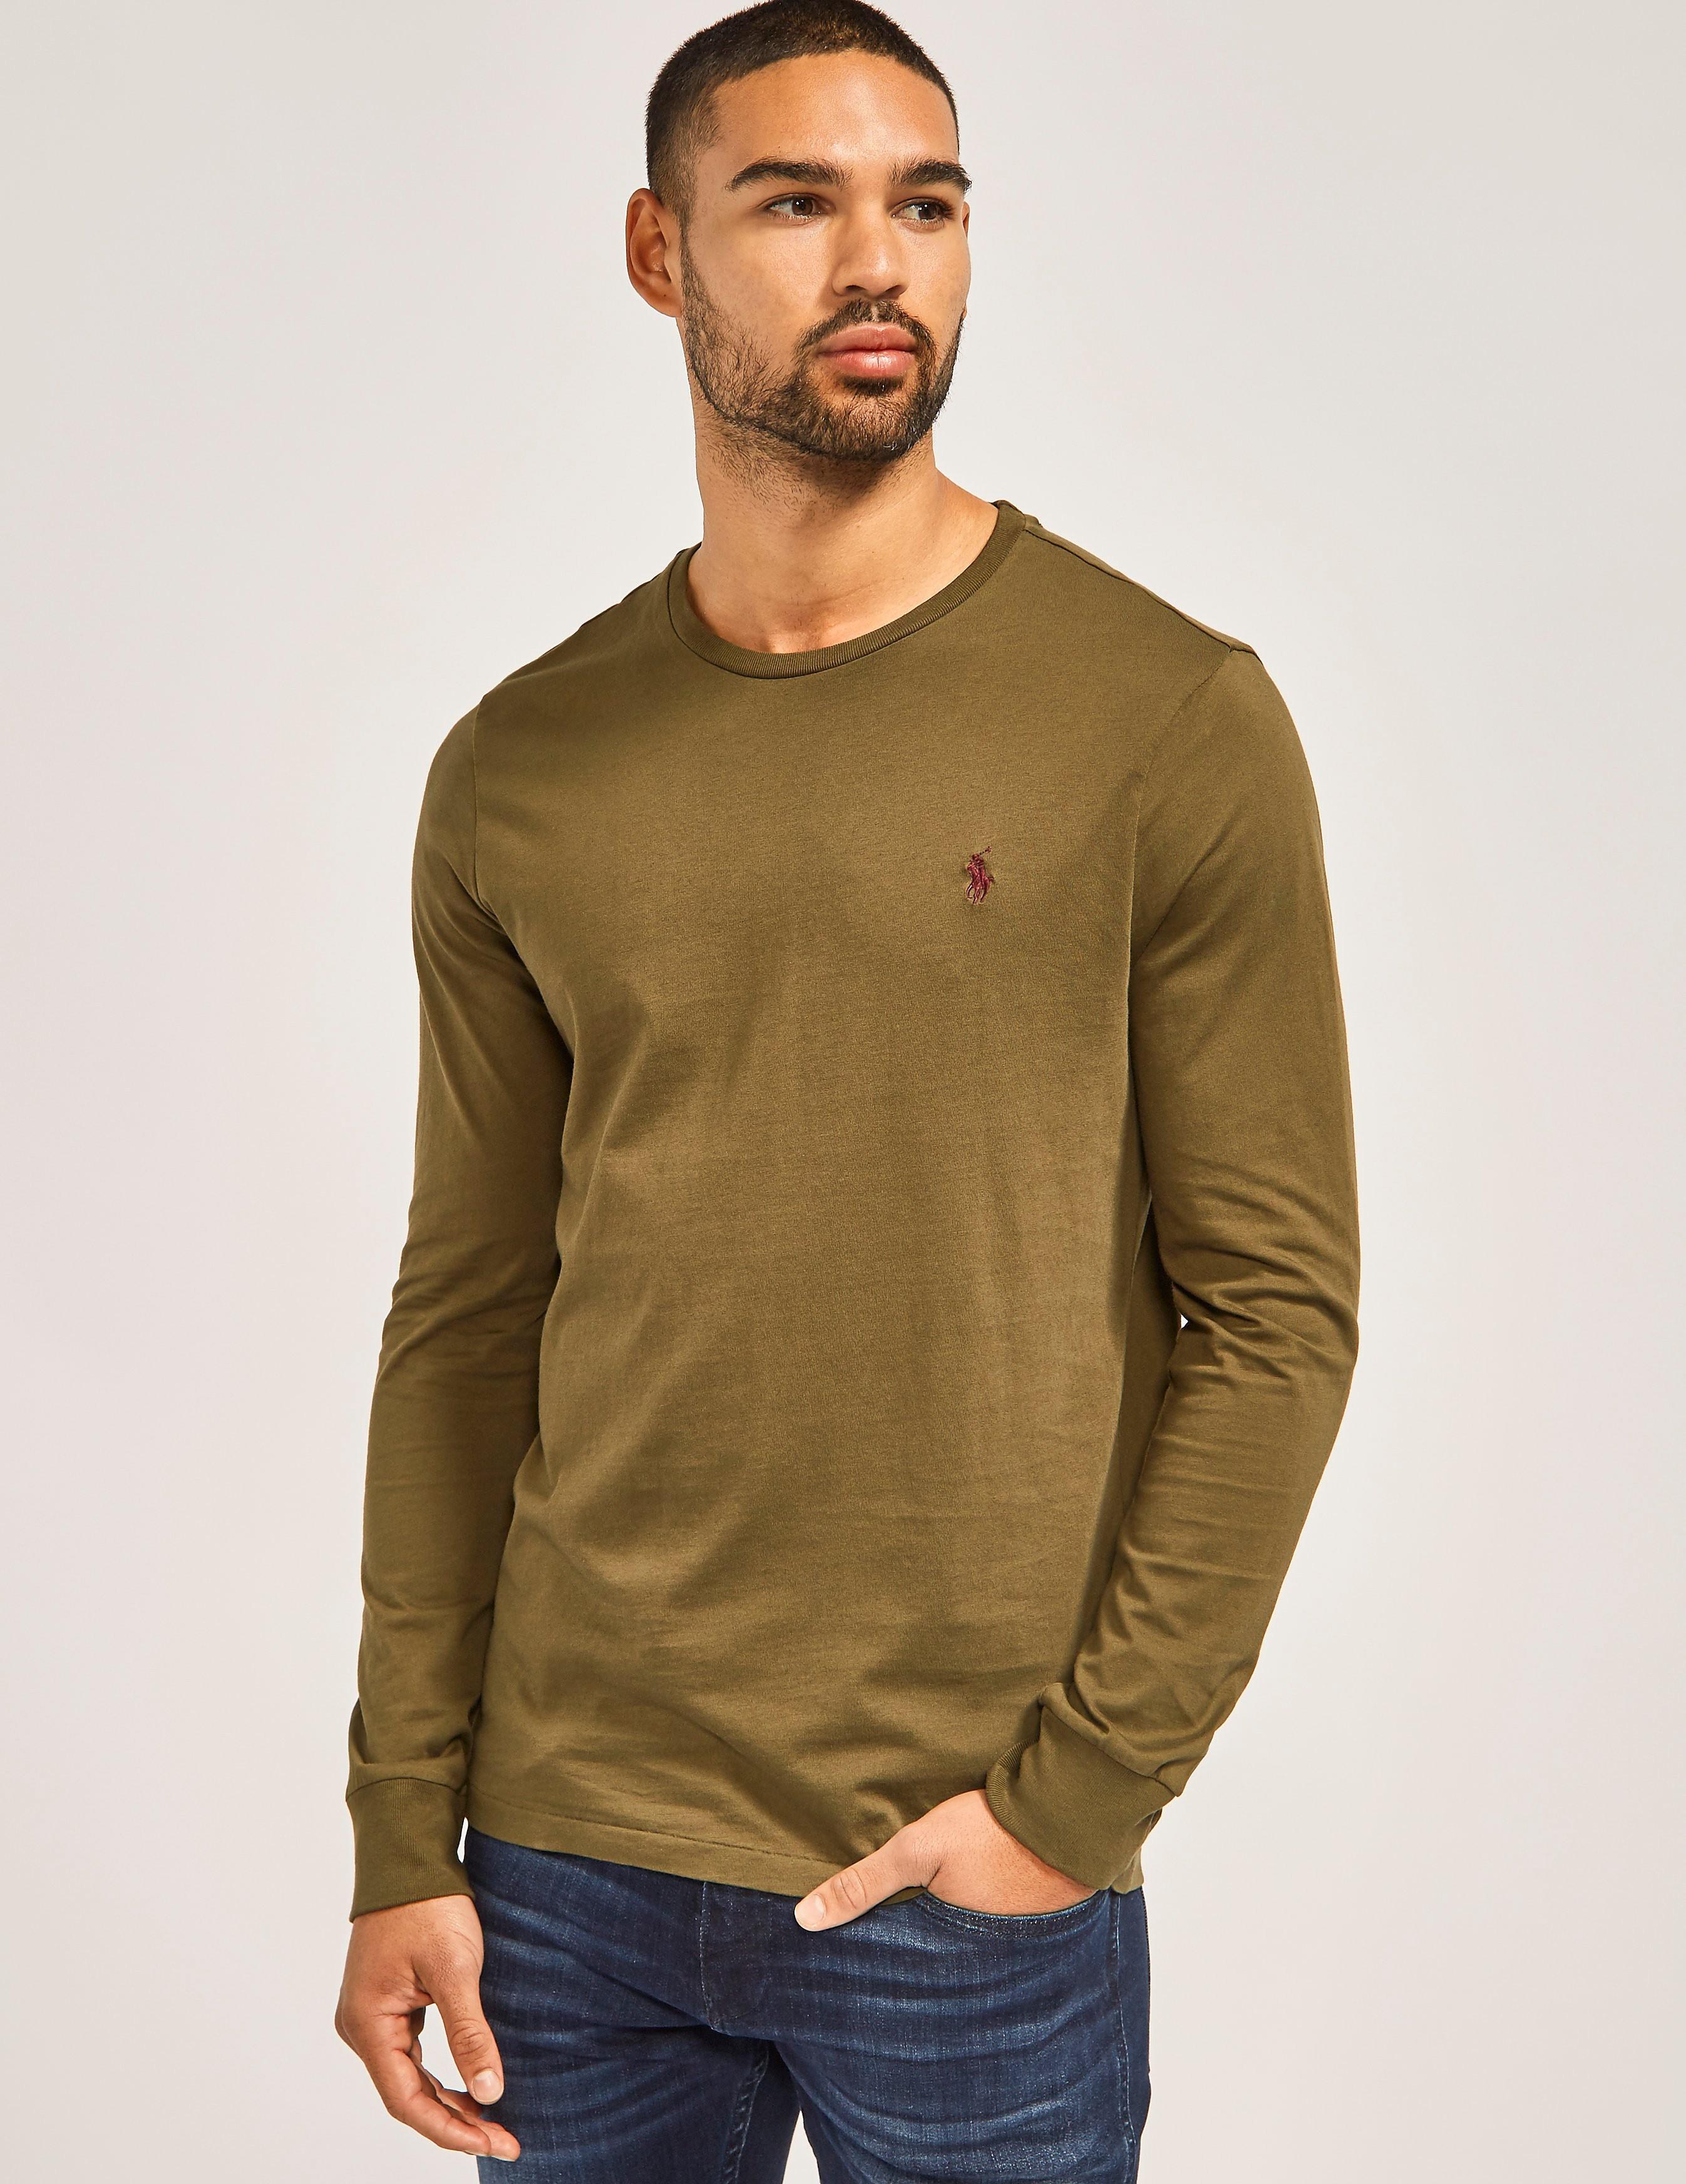 Polo Ralph Lauren Crew Neck Long Sleeve T-Shirt